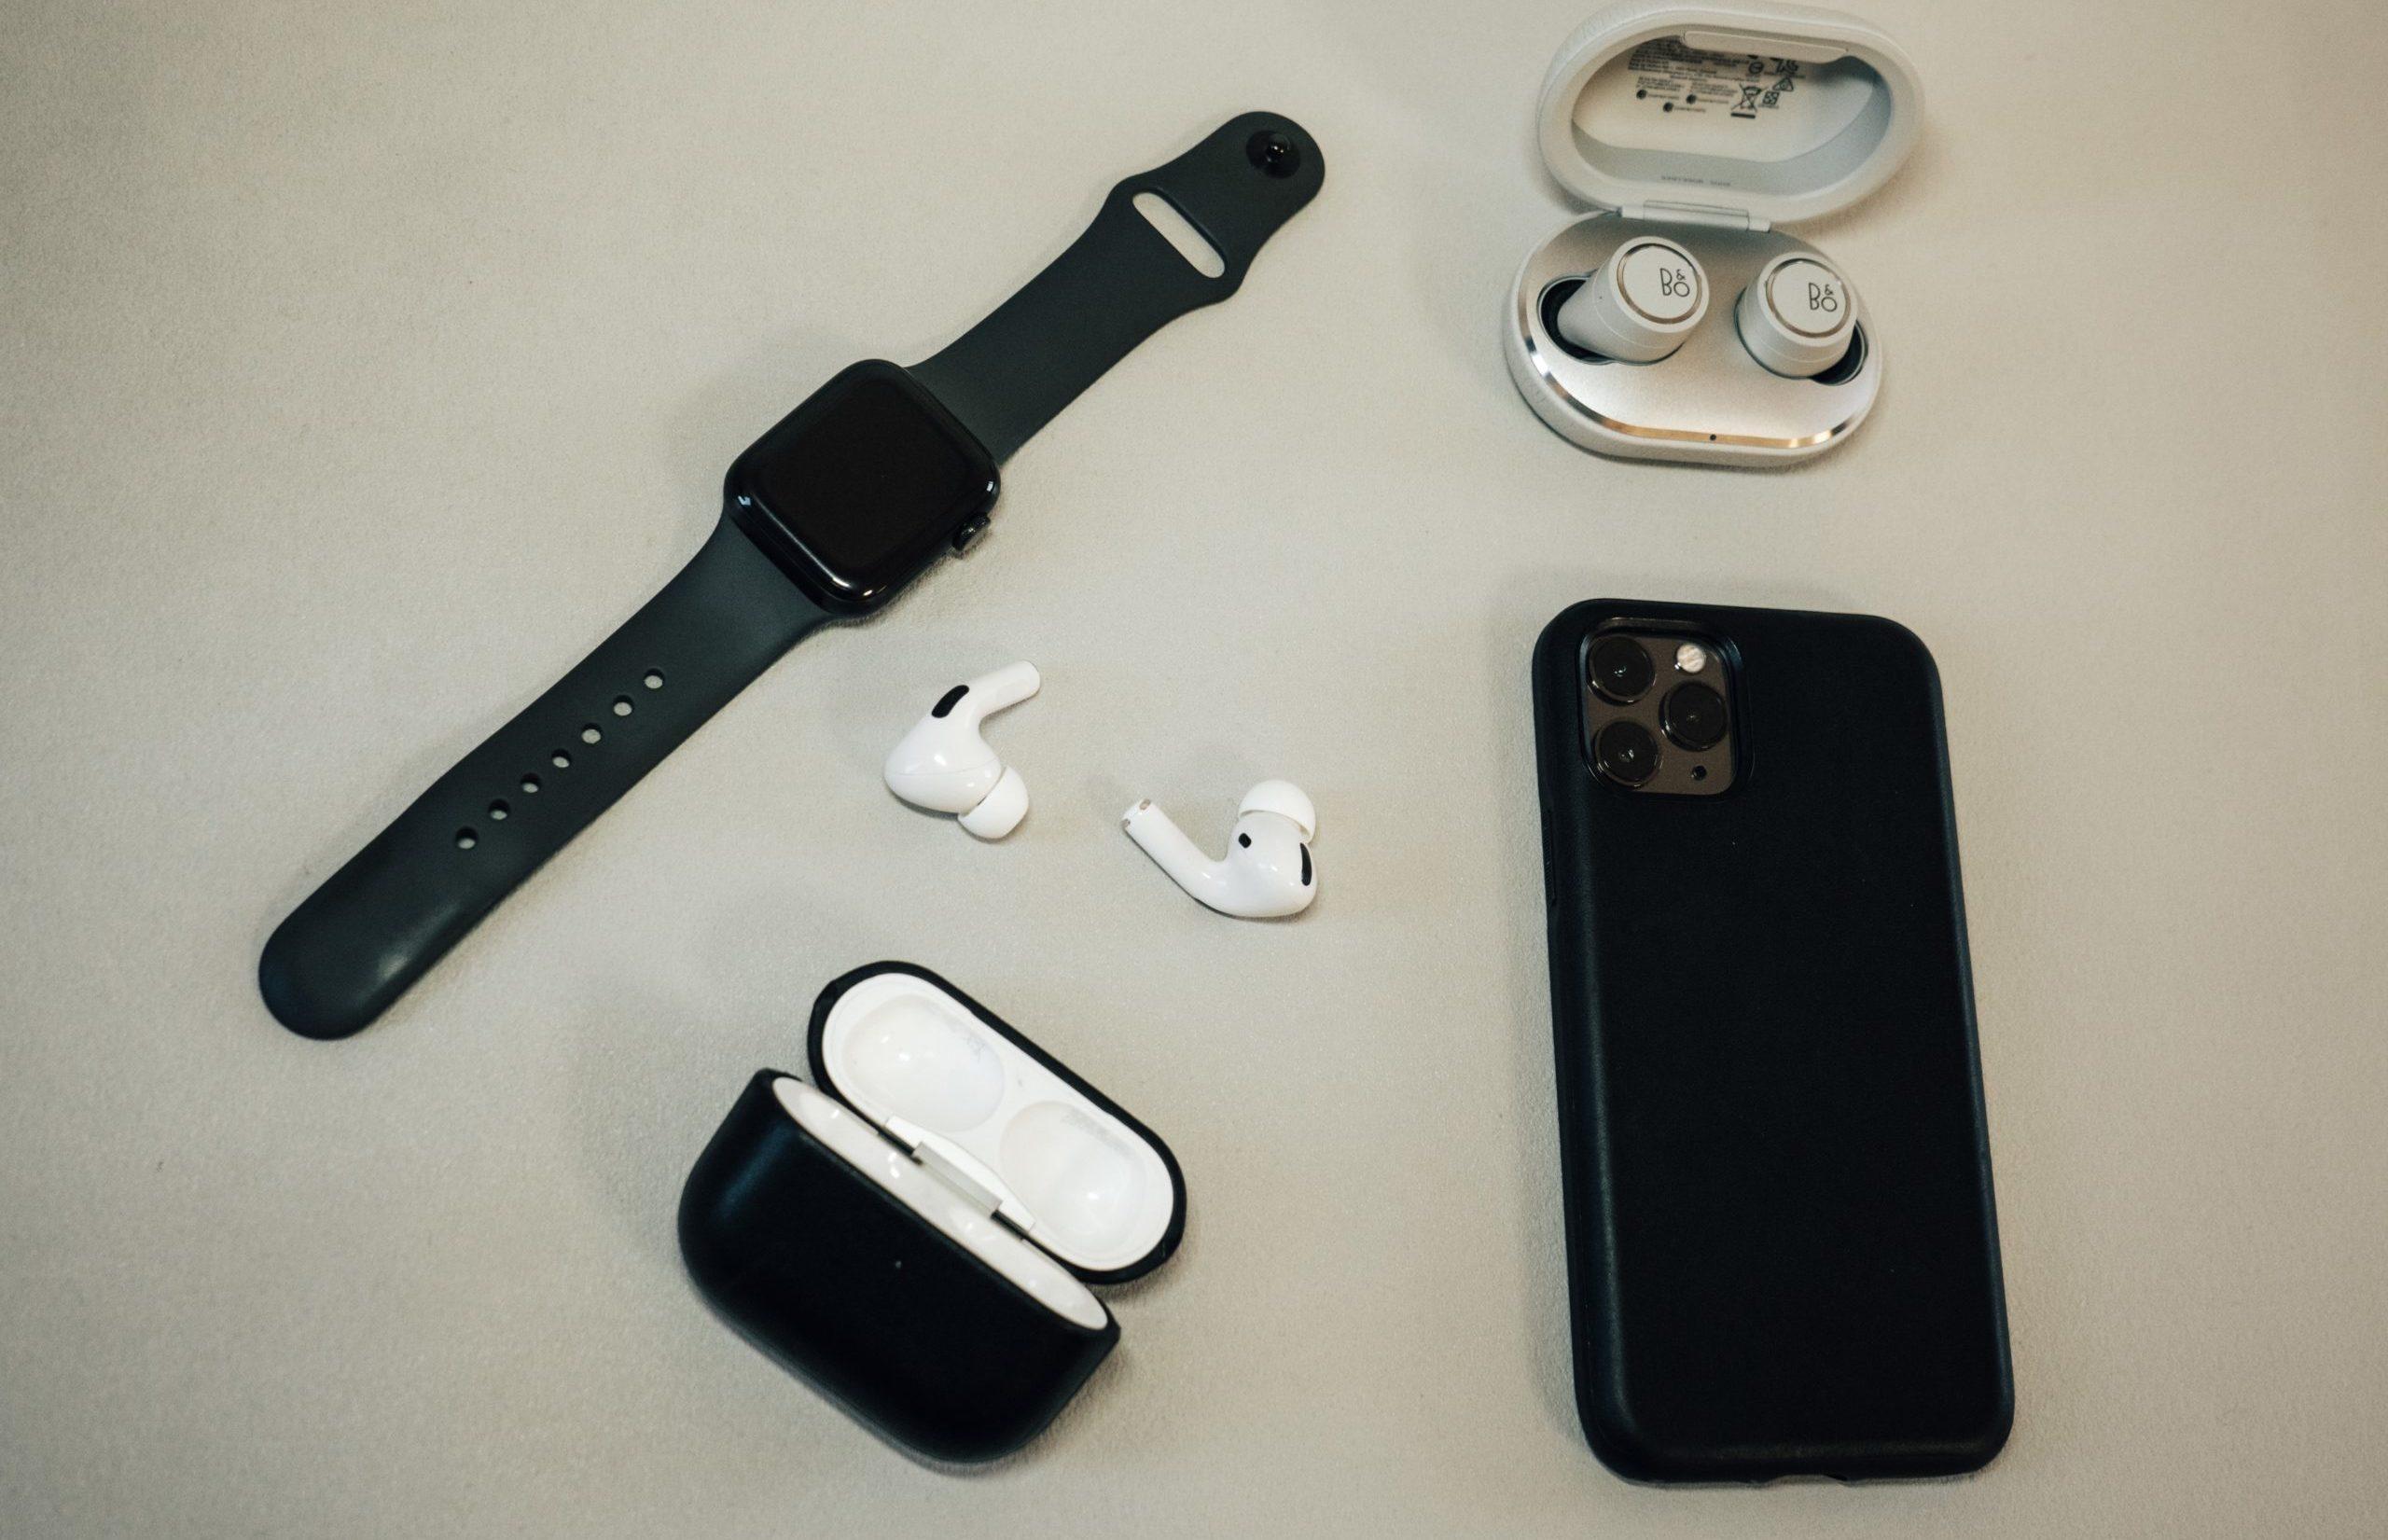 Apple Watchのおすすめアプリと使い方 【音楽編】